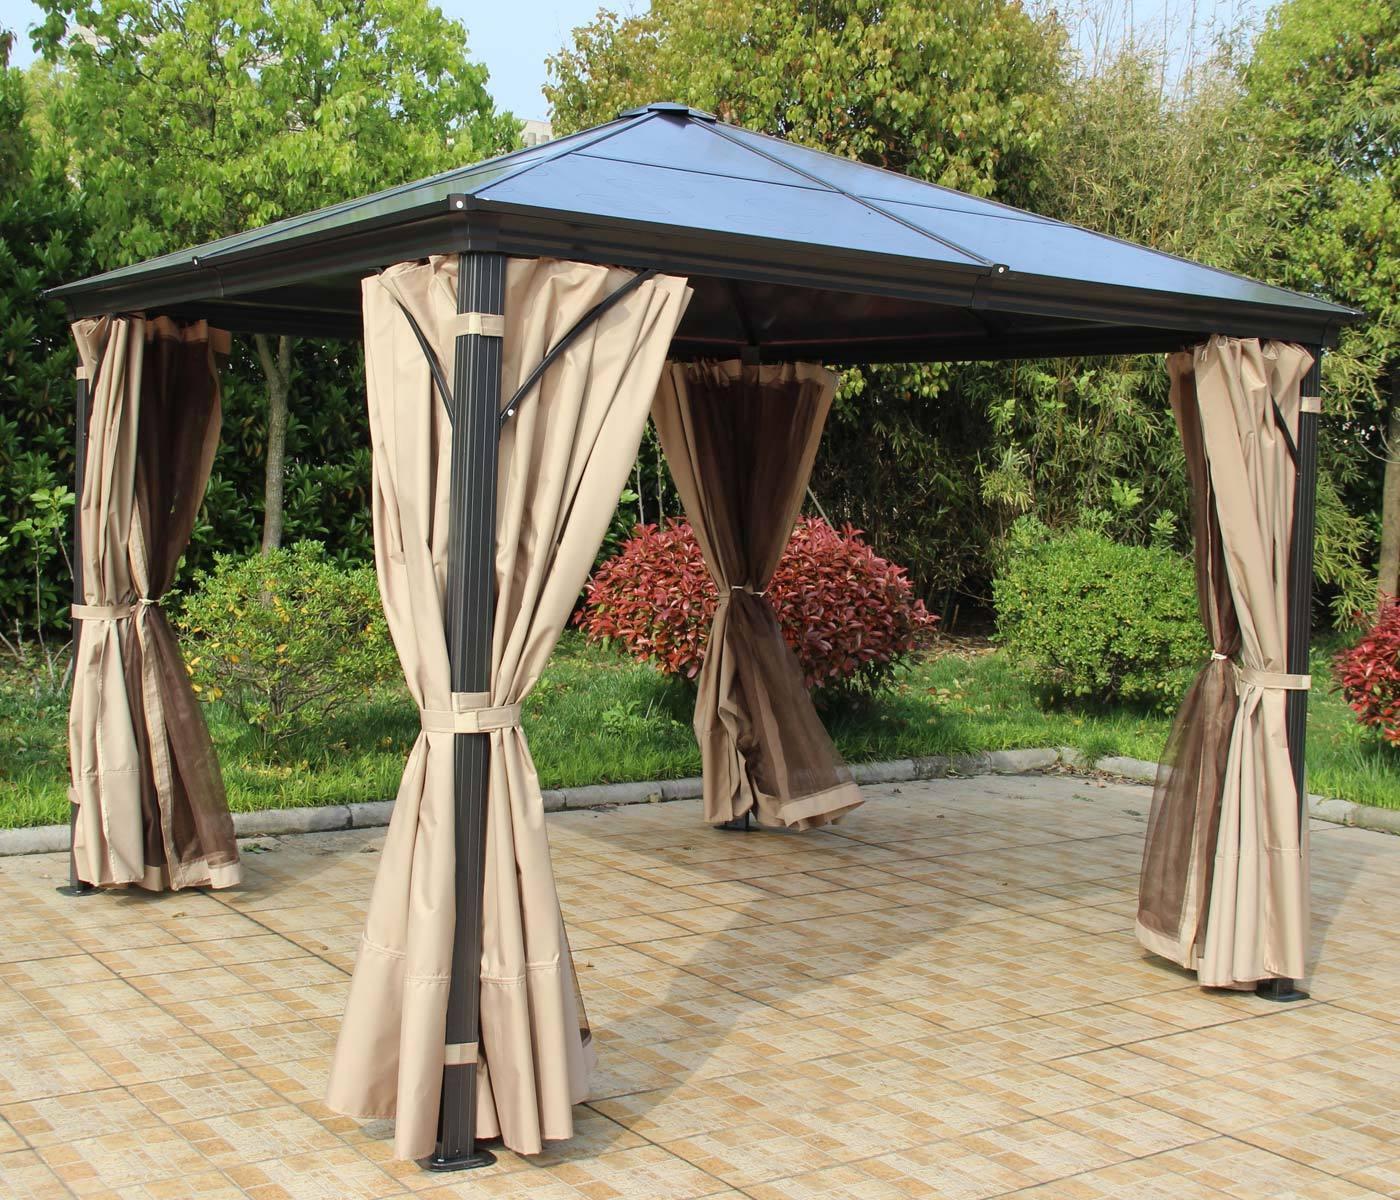 Hardtop Pergola HWC-C74 Garten Pavillon Dach Seitenwand Seitenwand Seitenwand + Moskitonetz Alu 318515